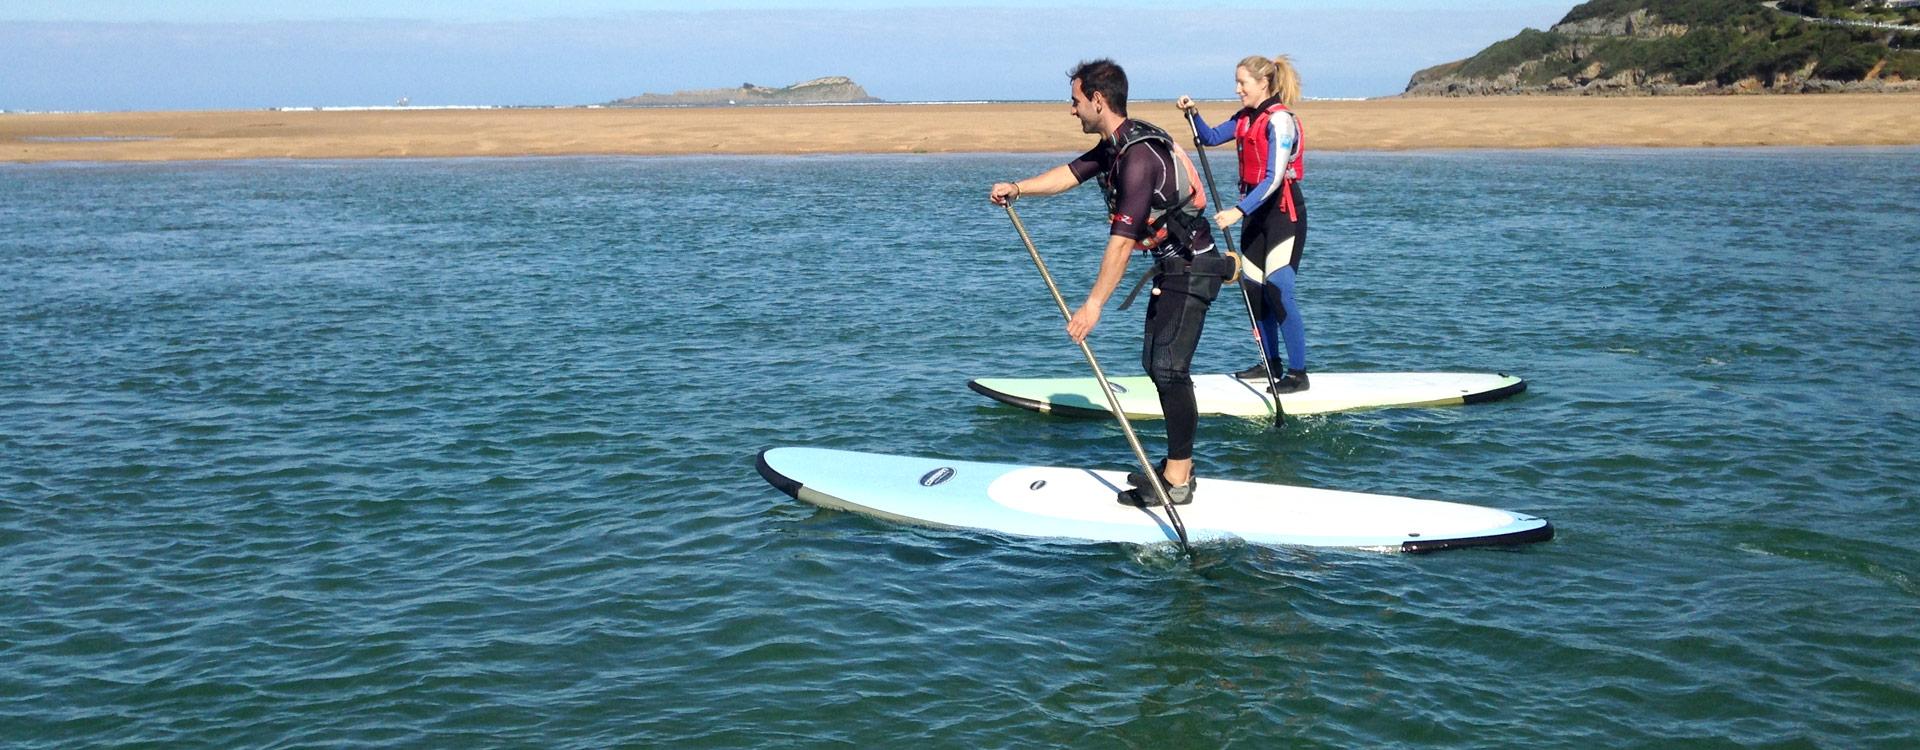 UR Urdaibai turismo activo, Stand Up Paddle